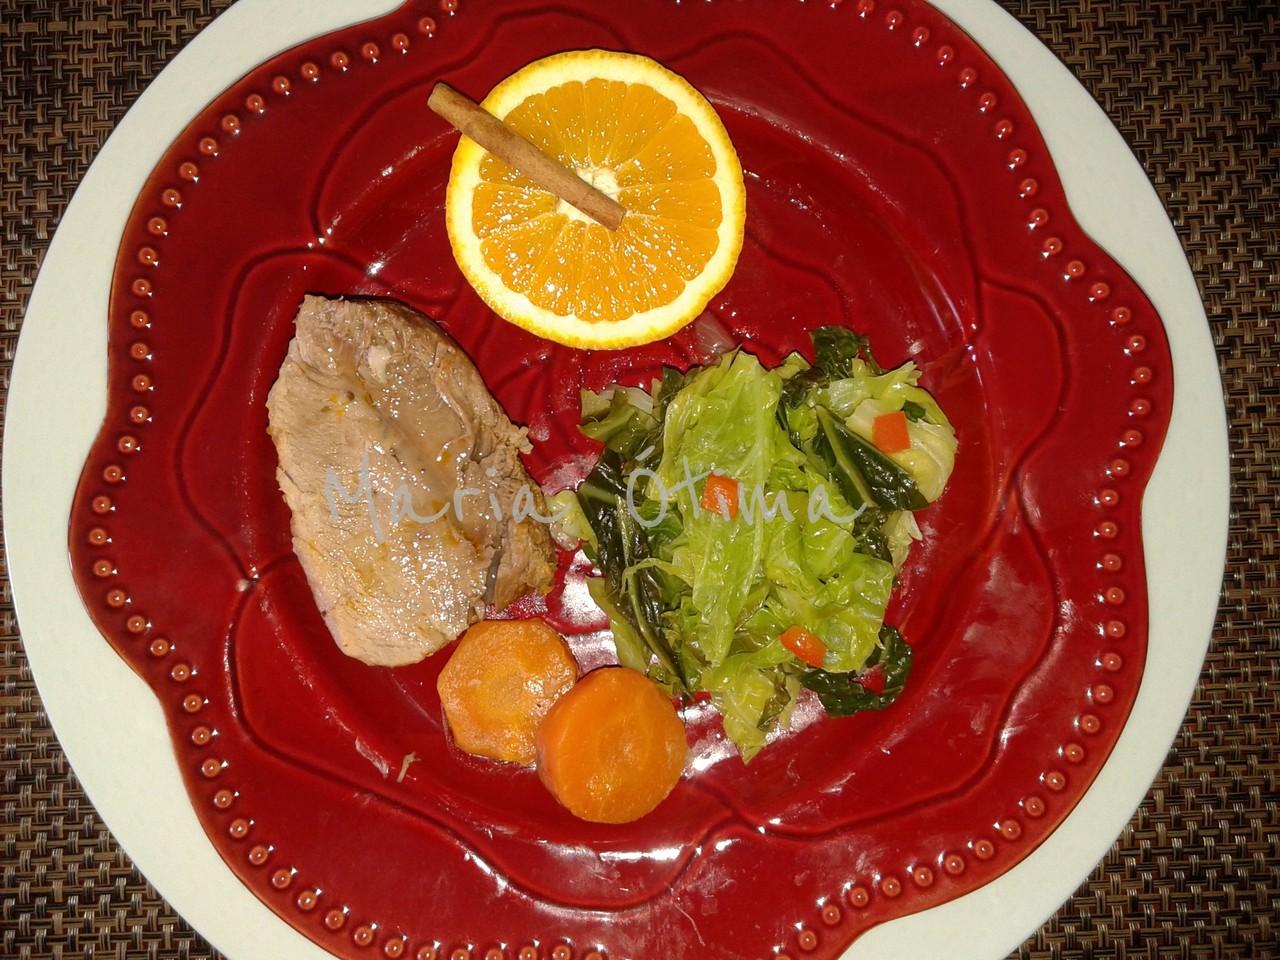 Carne de porco com laranja e canela.jpg